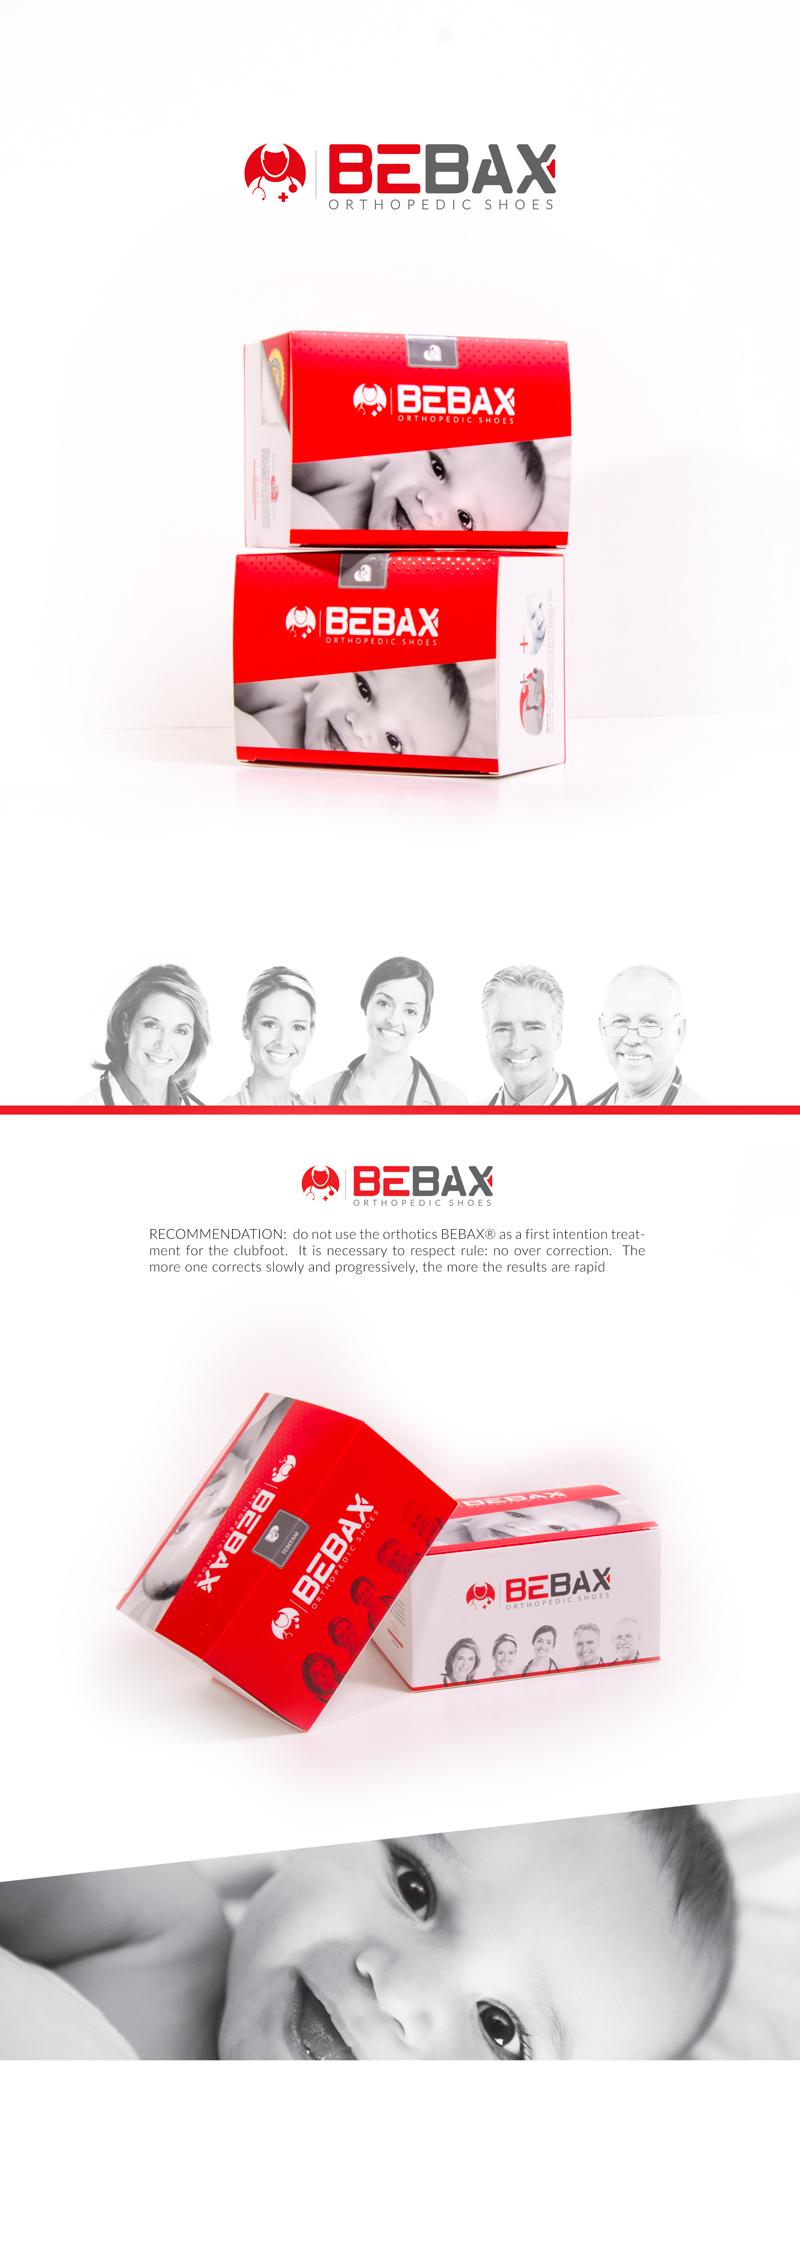 طراحی جعبه کفش ارتوپدی بی بکس